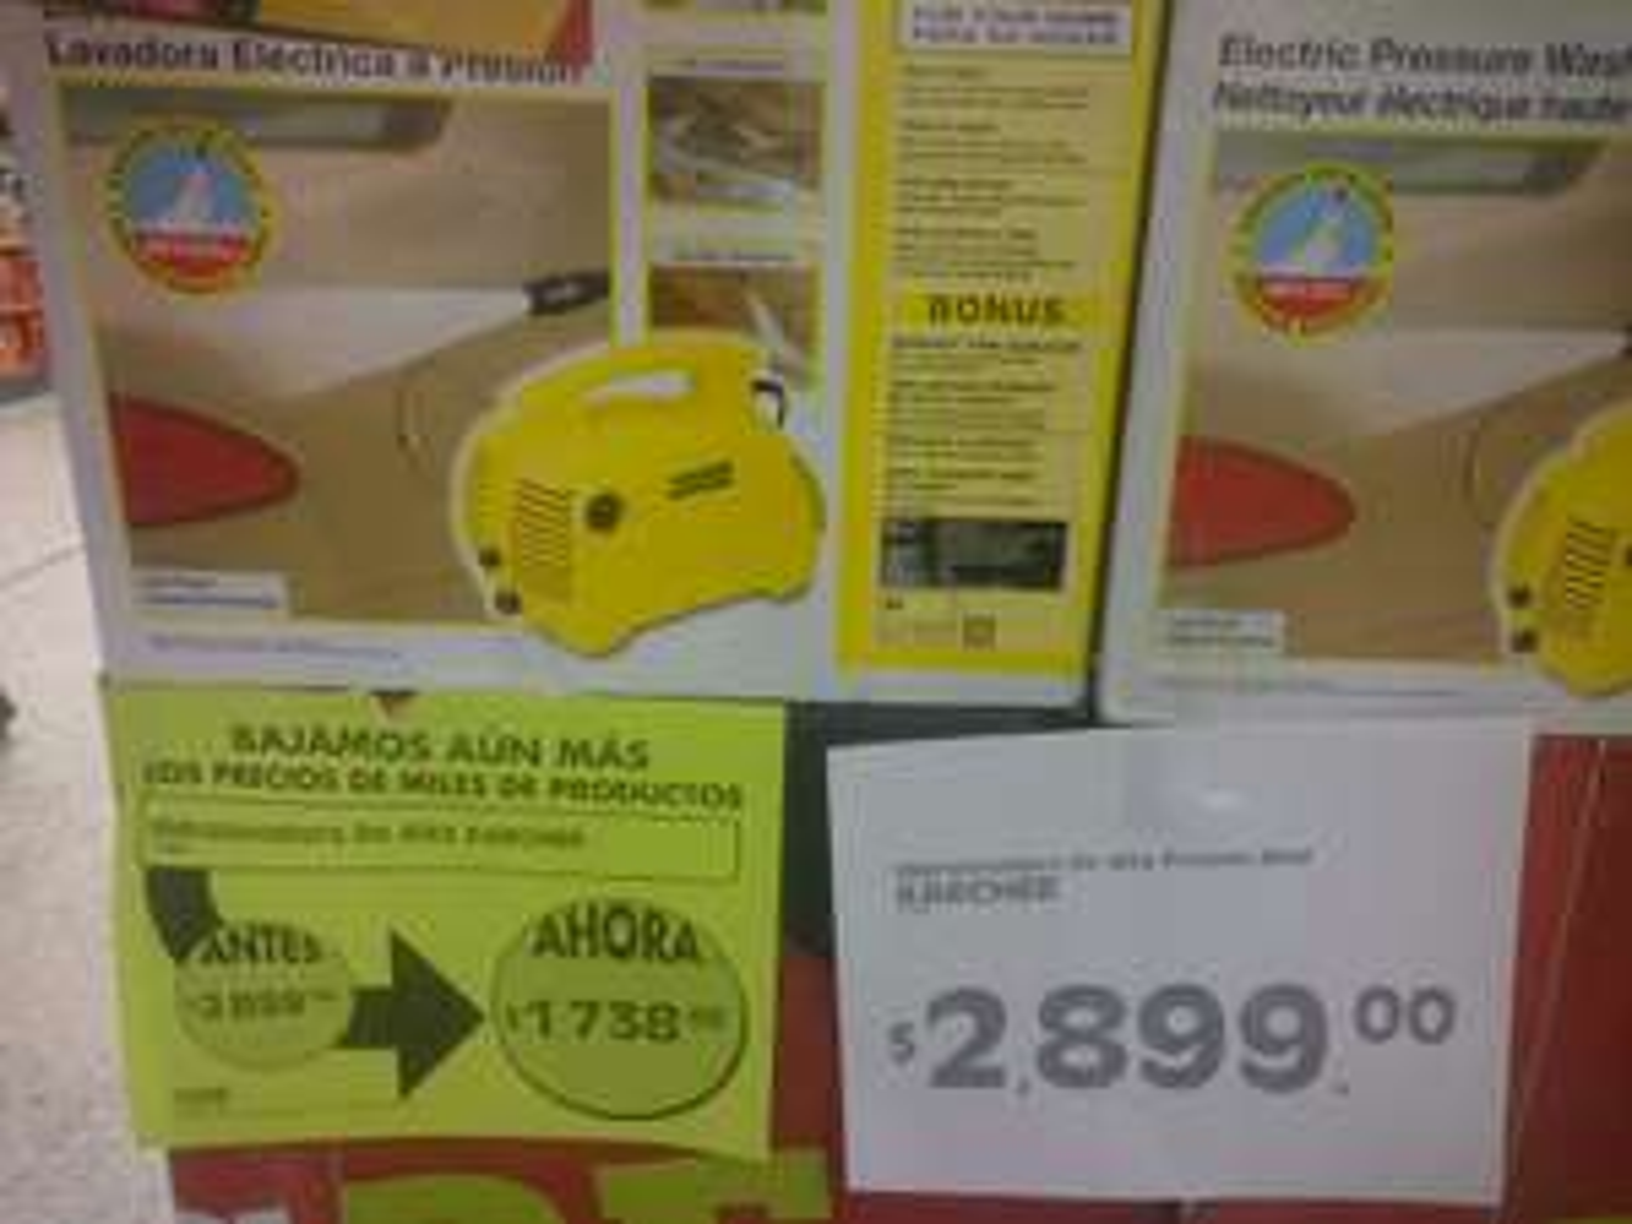 Comercial Mexicana: Hidrolavadora Alta Presión Karcher a $1,738